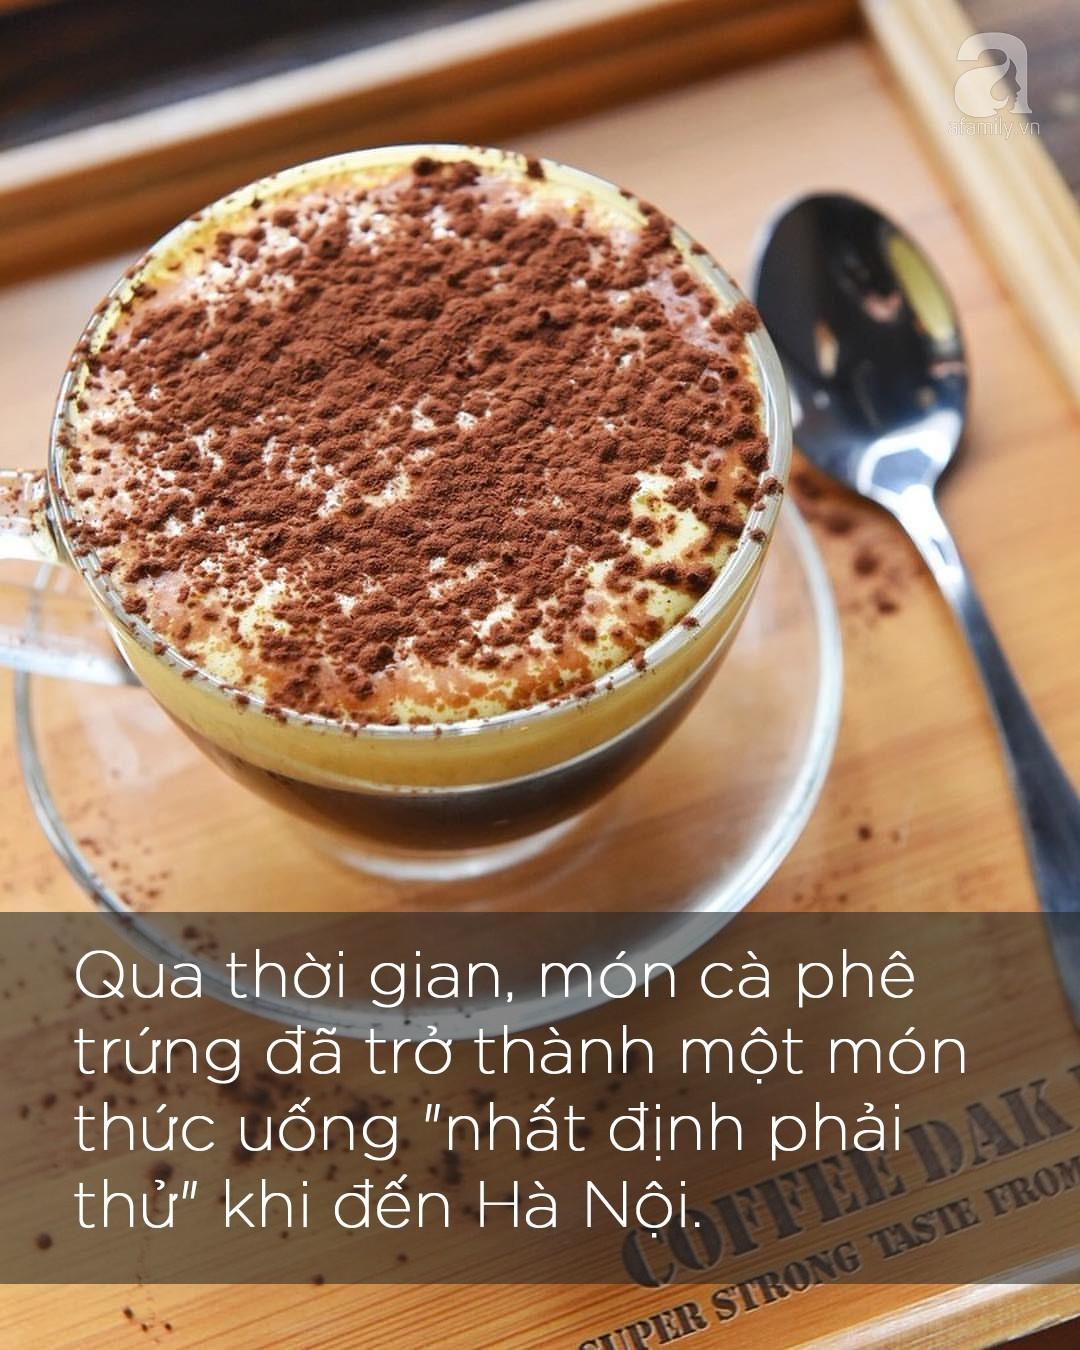 Cà phê trứng: Từ góc nhỏ trong phố cổ Hà Nội vươn ra thế giới, trở thành thức uống đặc sắc được ưa thích ở Mỹ và Canada-2